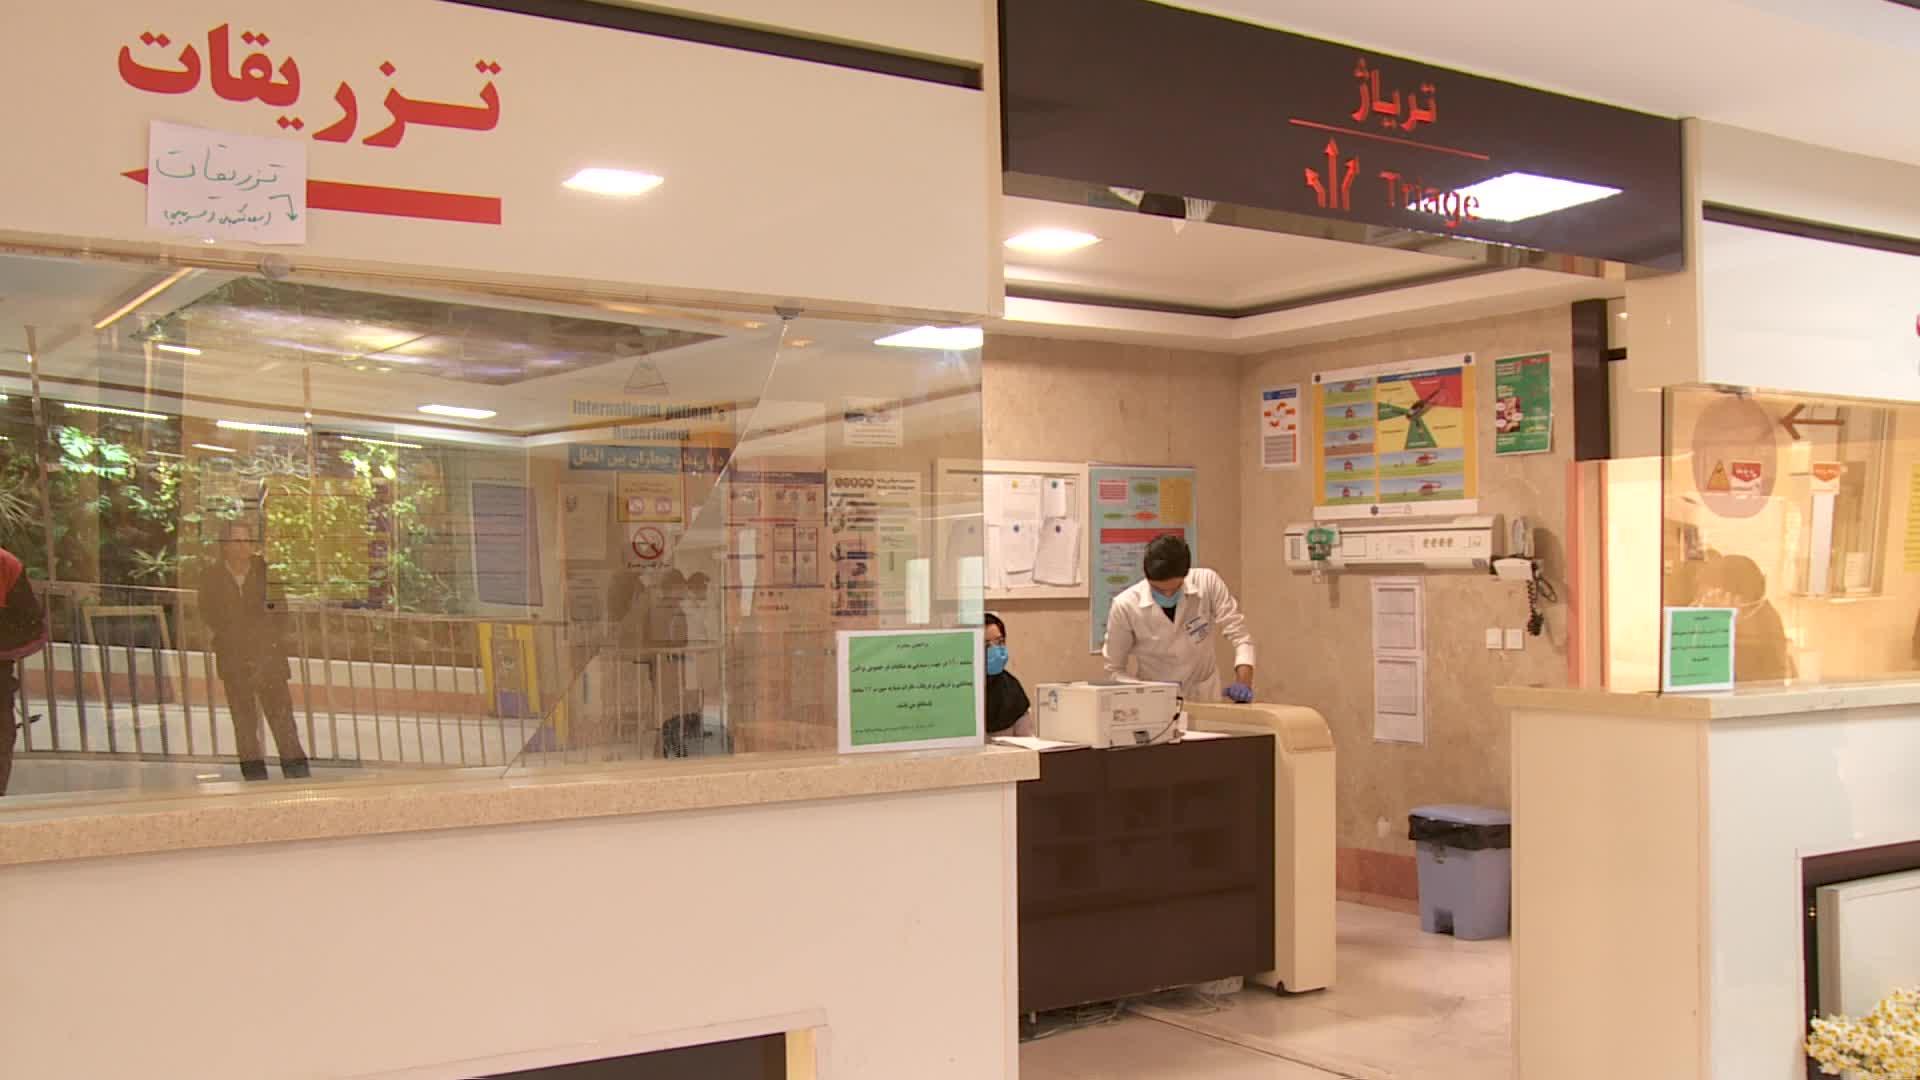 بیمارستان ولی عصر بیرجند مجهز به دو دستگاه هوای ایزوله فشار منفی